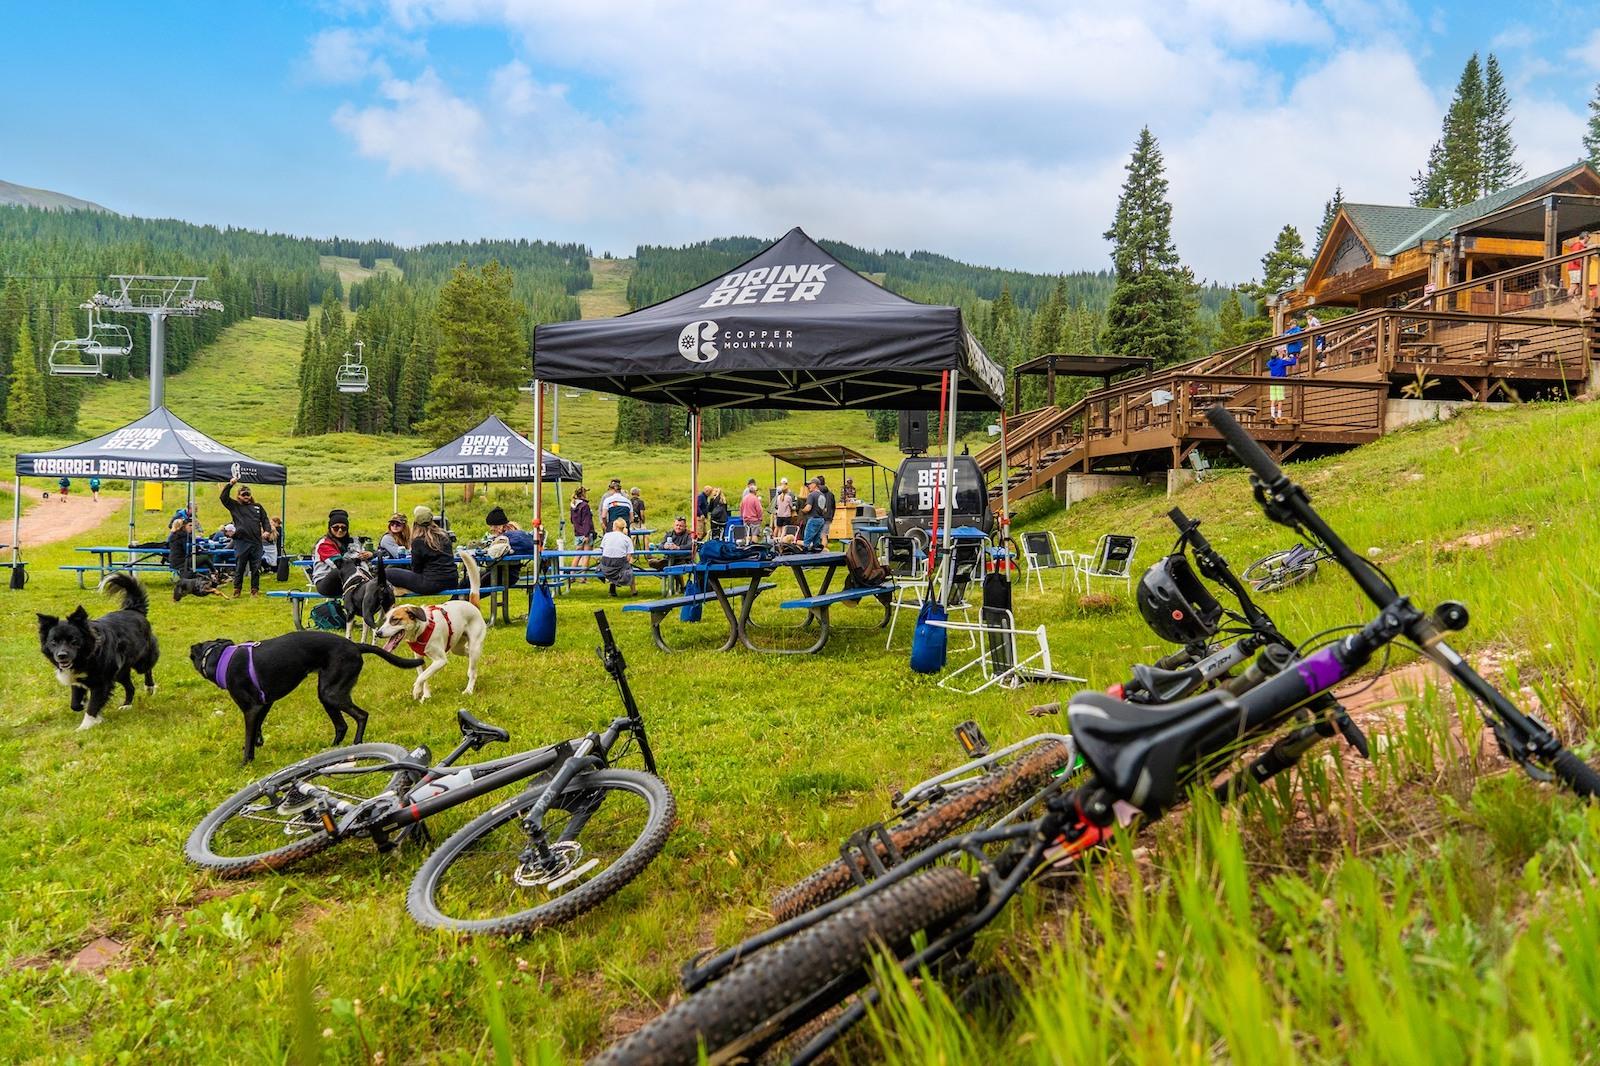 Gambar sepeda dan tenda di acara Bikes, Brews, and Tunes di Copper Mountain, Colorado